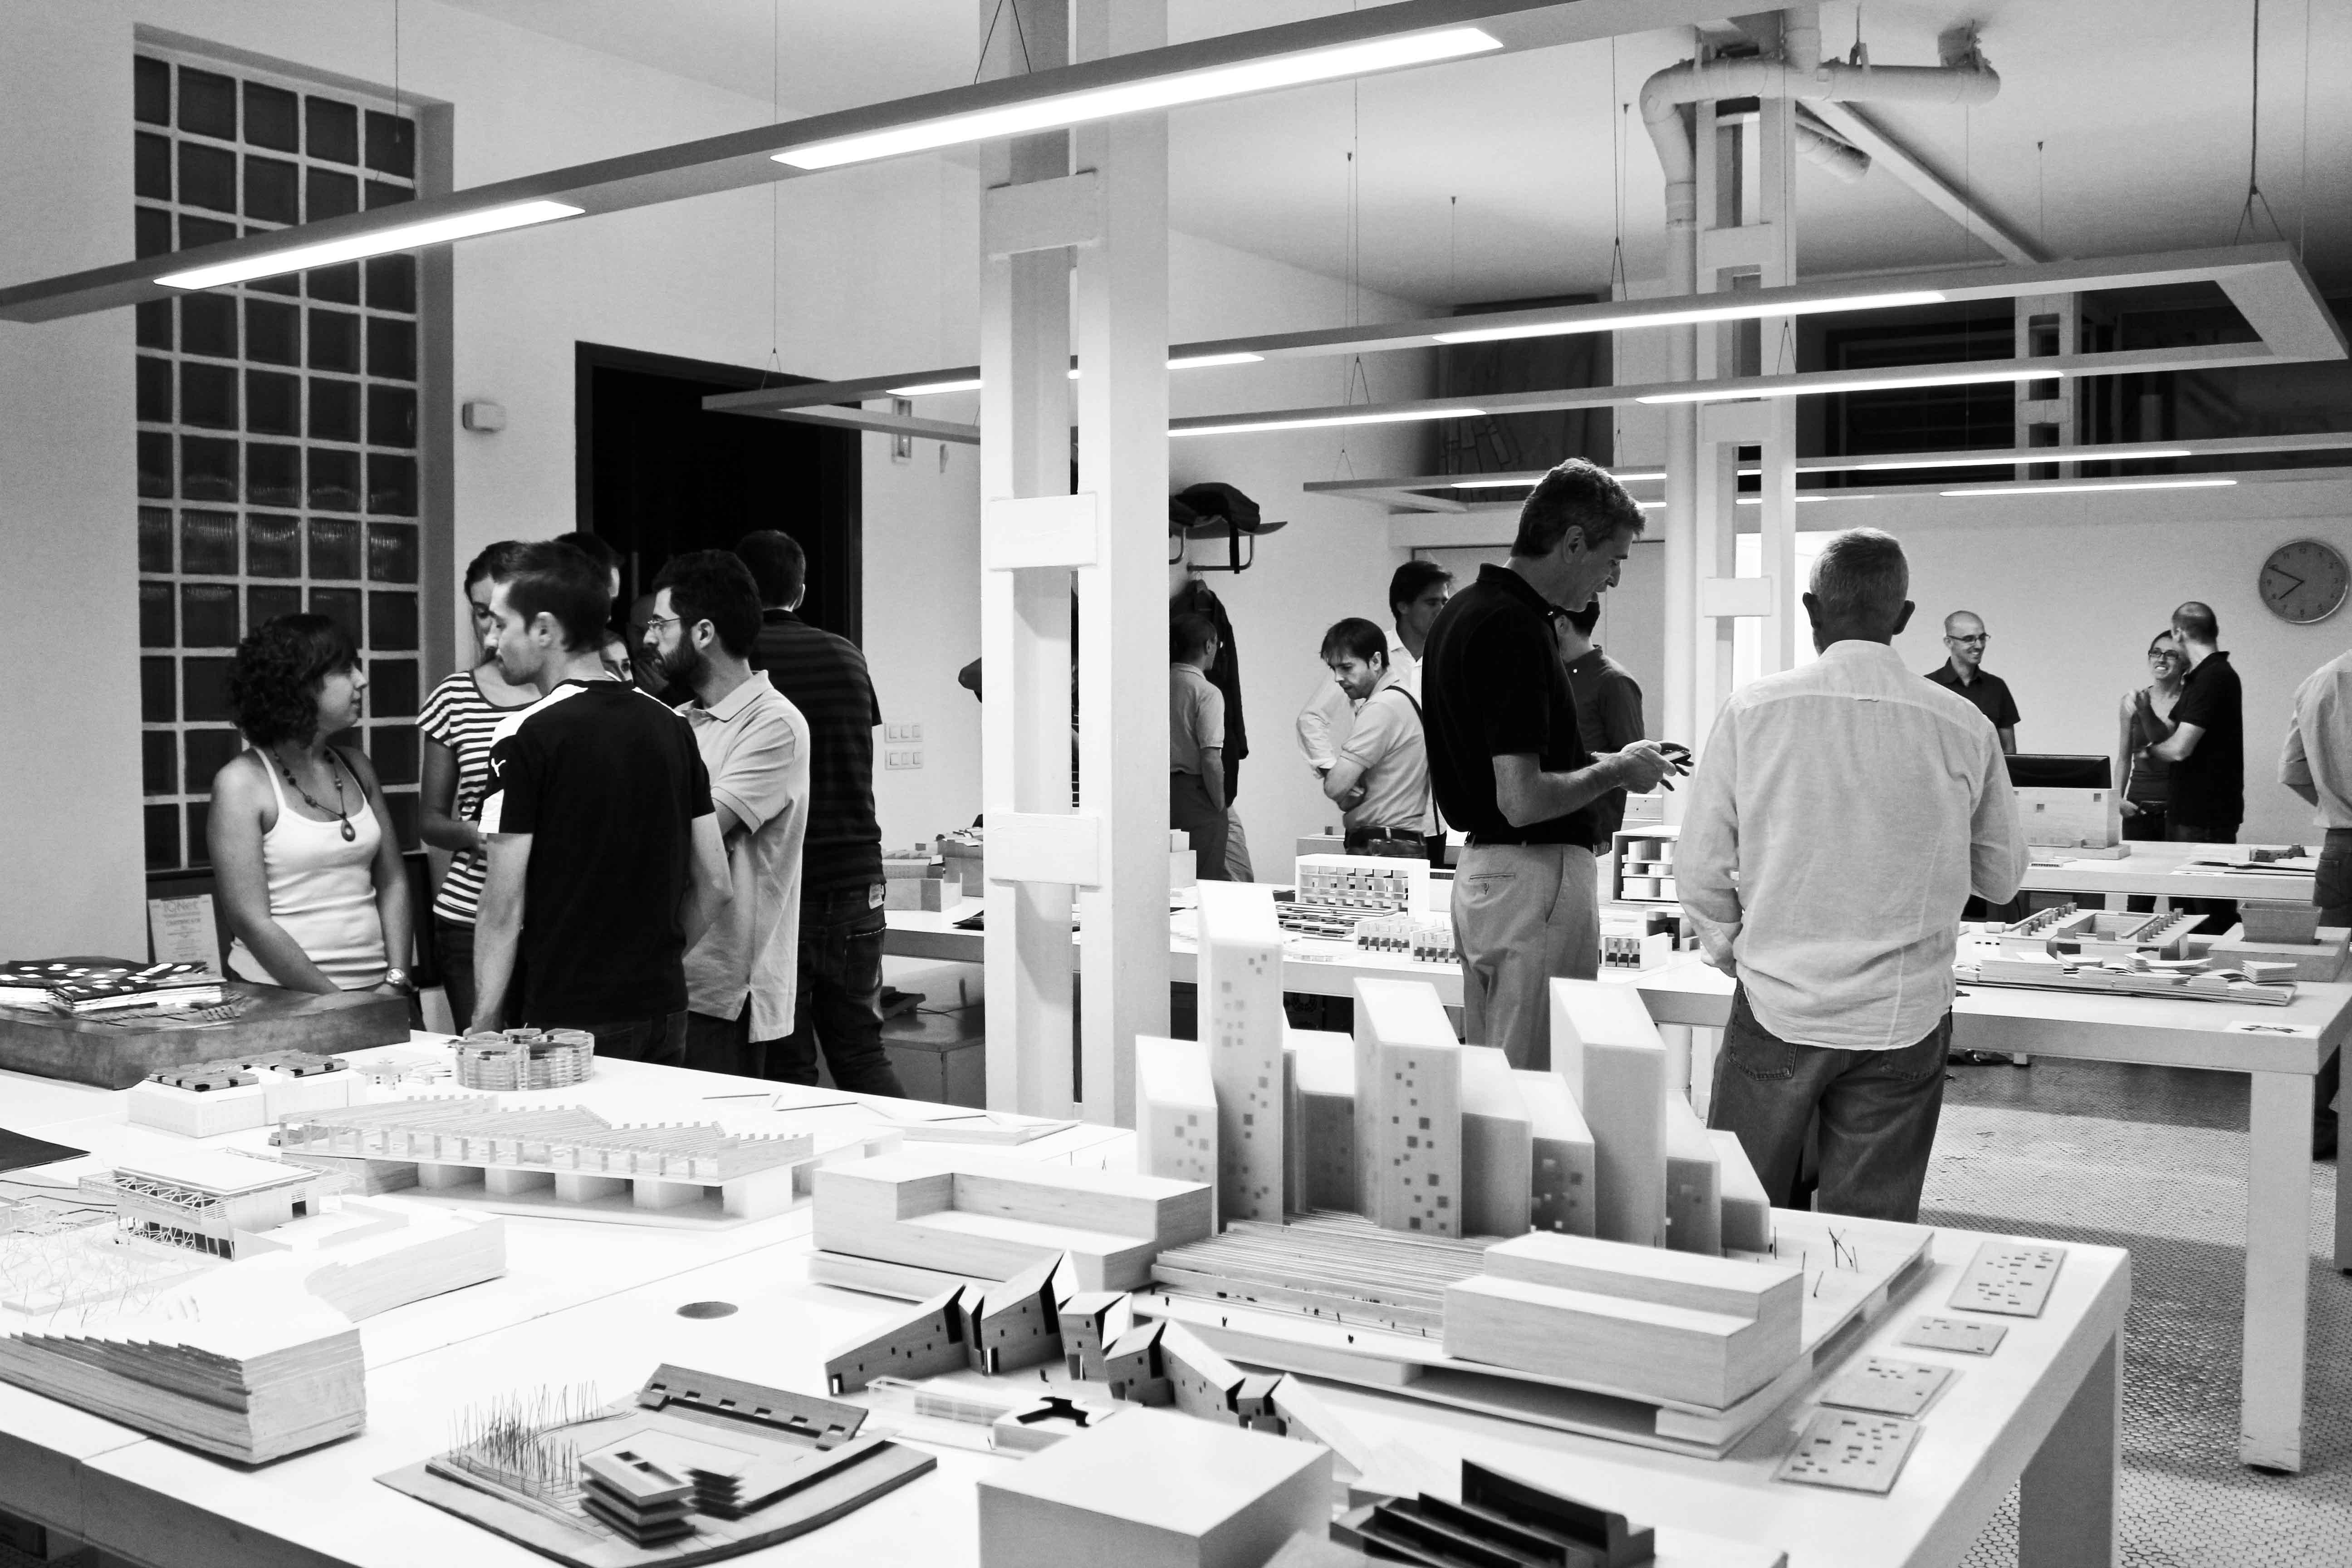 Cuarenta estudios de arquitectura hacen un notas de prensa - Estudios de arquitectura en madrid ...